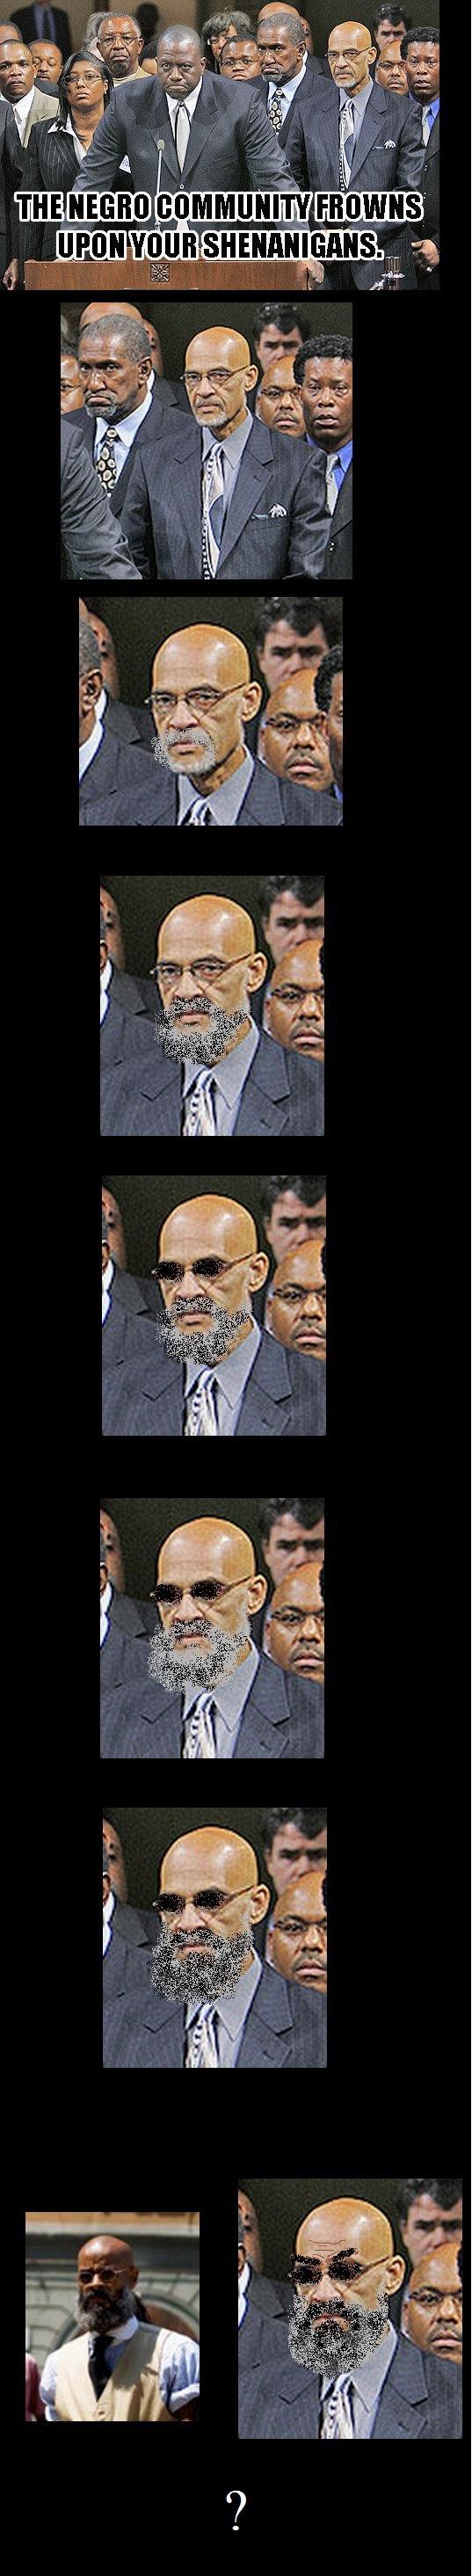 Wait wut?. Professor Badass frowns... PROFESSOR BADASS DOES NOT APPROVE.